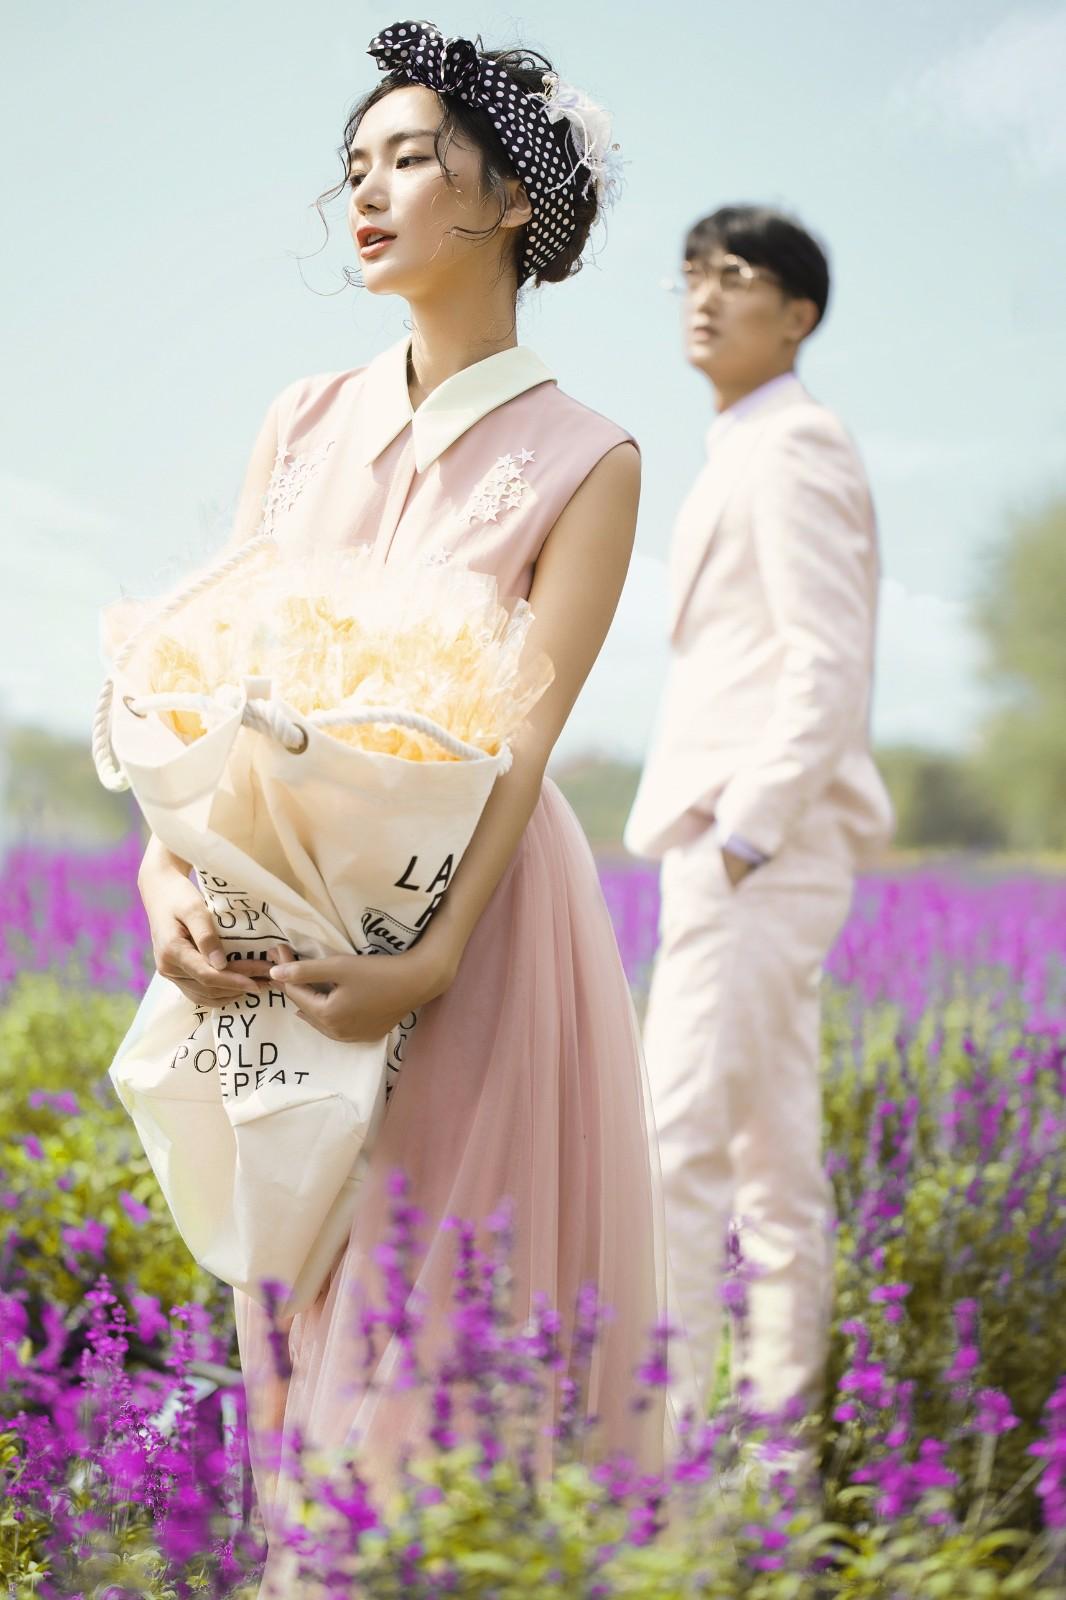 秀禾服,成为了很多中式婚礼新娘礼服